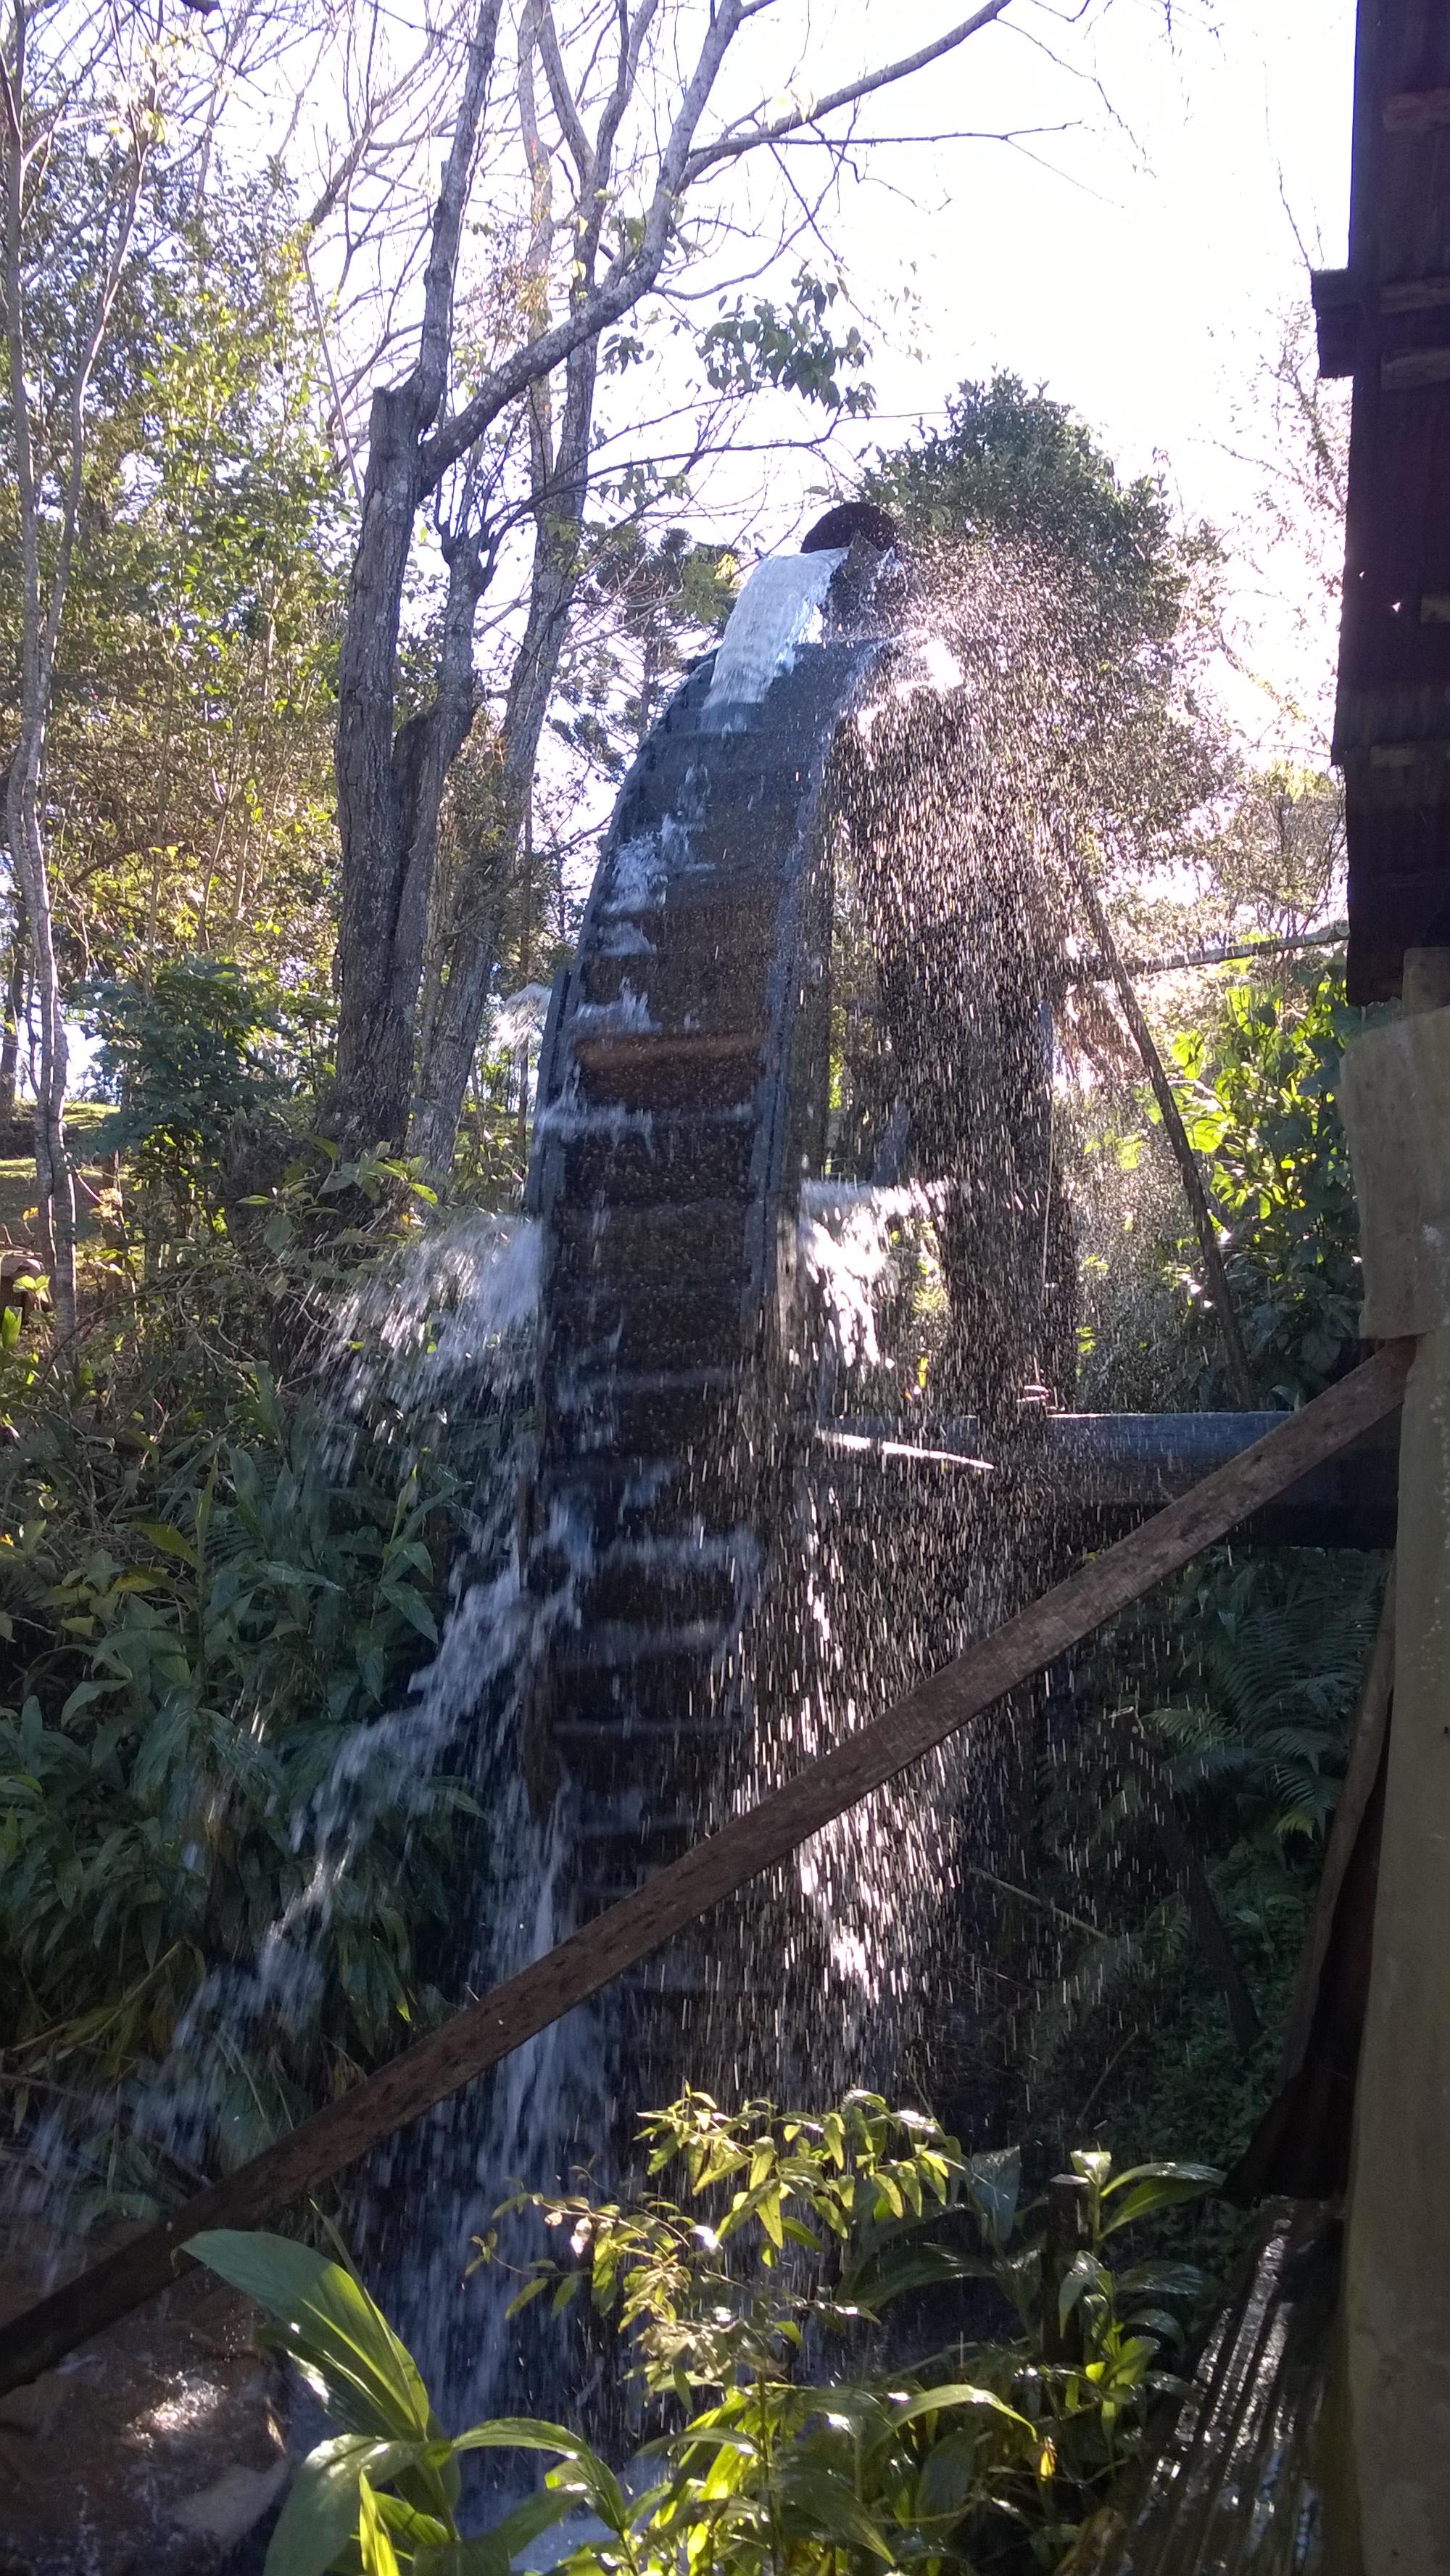 yerba mate - water powered mill